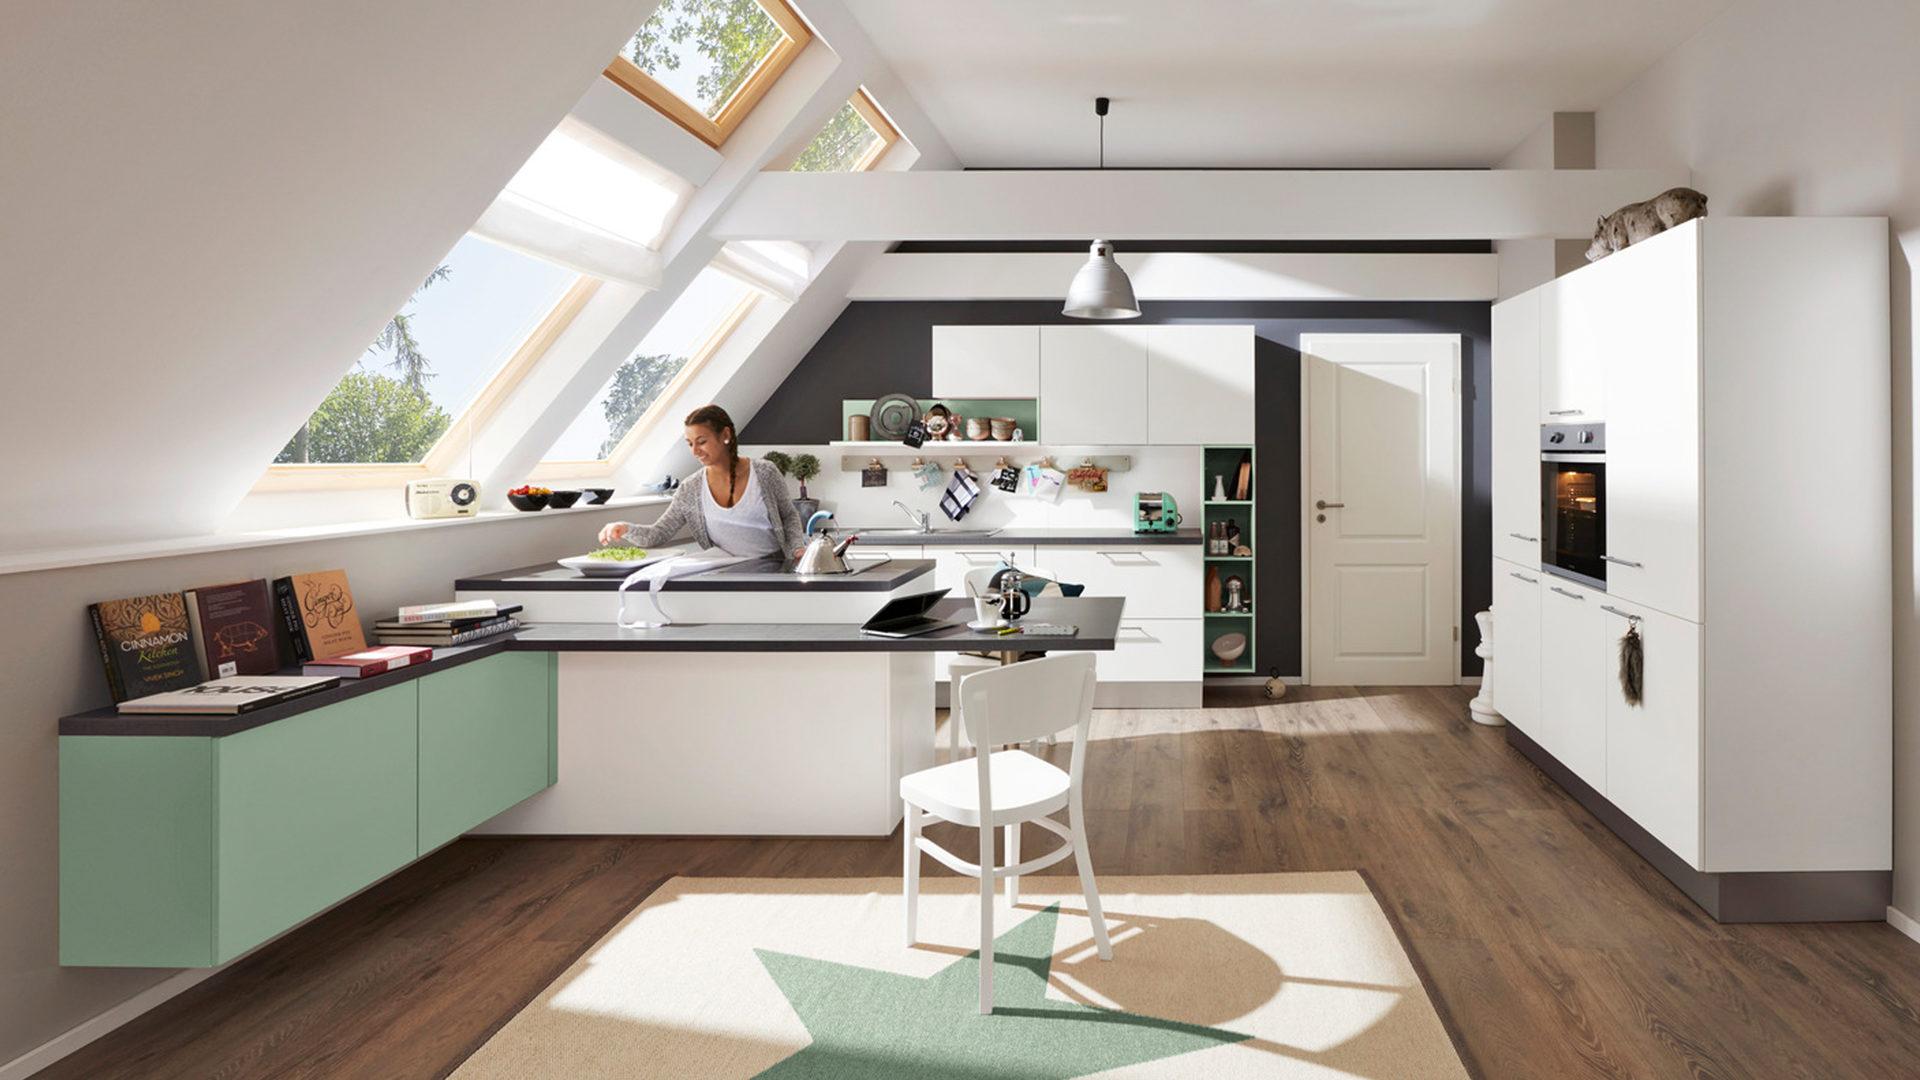 Charmant Beste Grüne Farbe Für Die Küche Bilder - Küchen Design ...